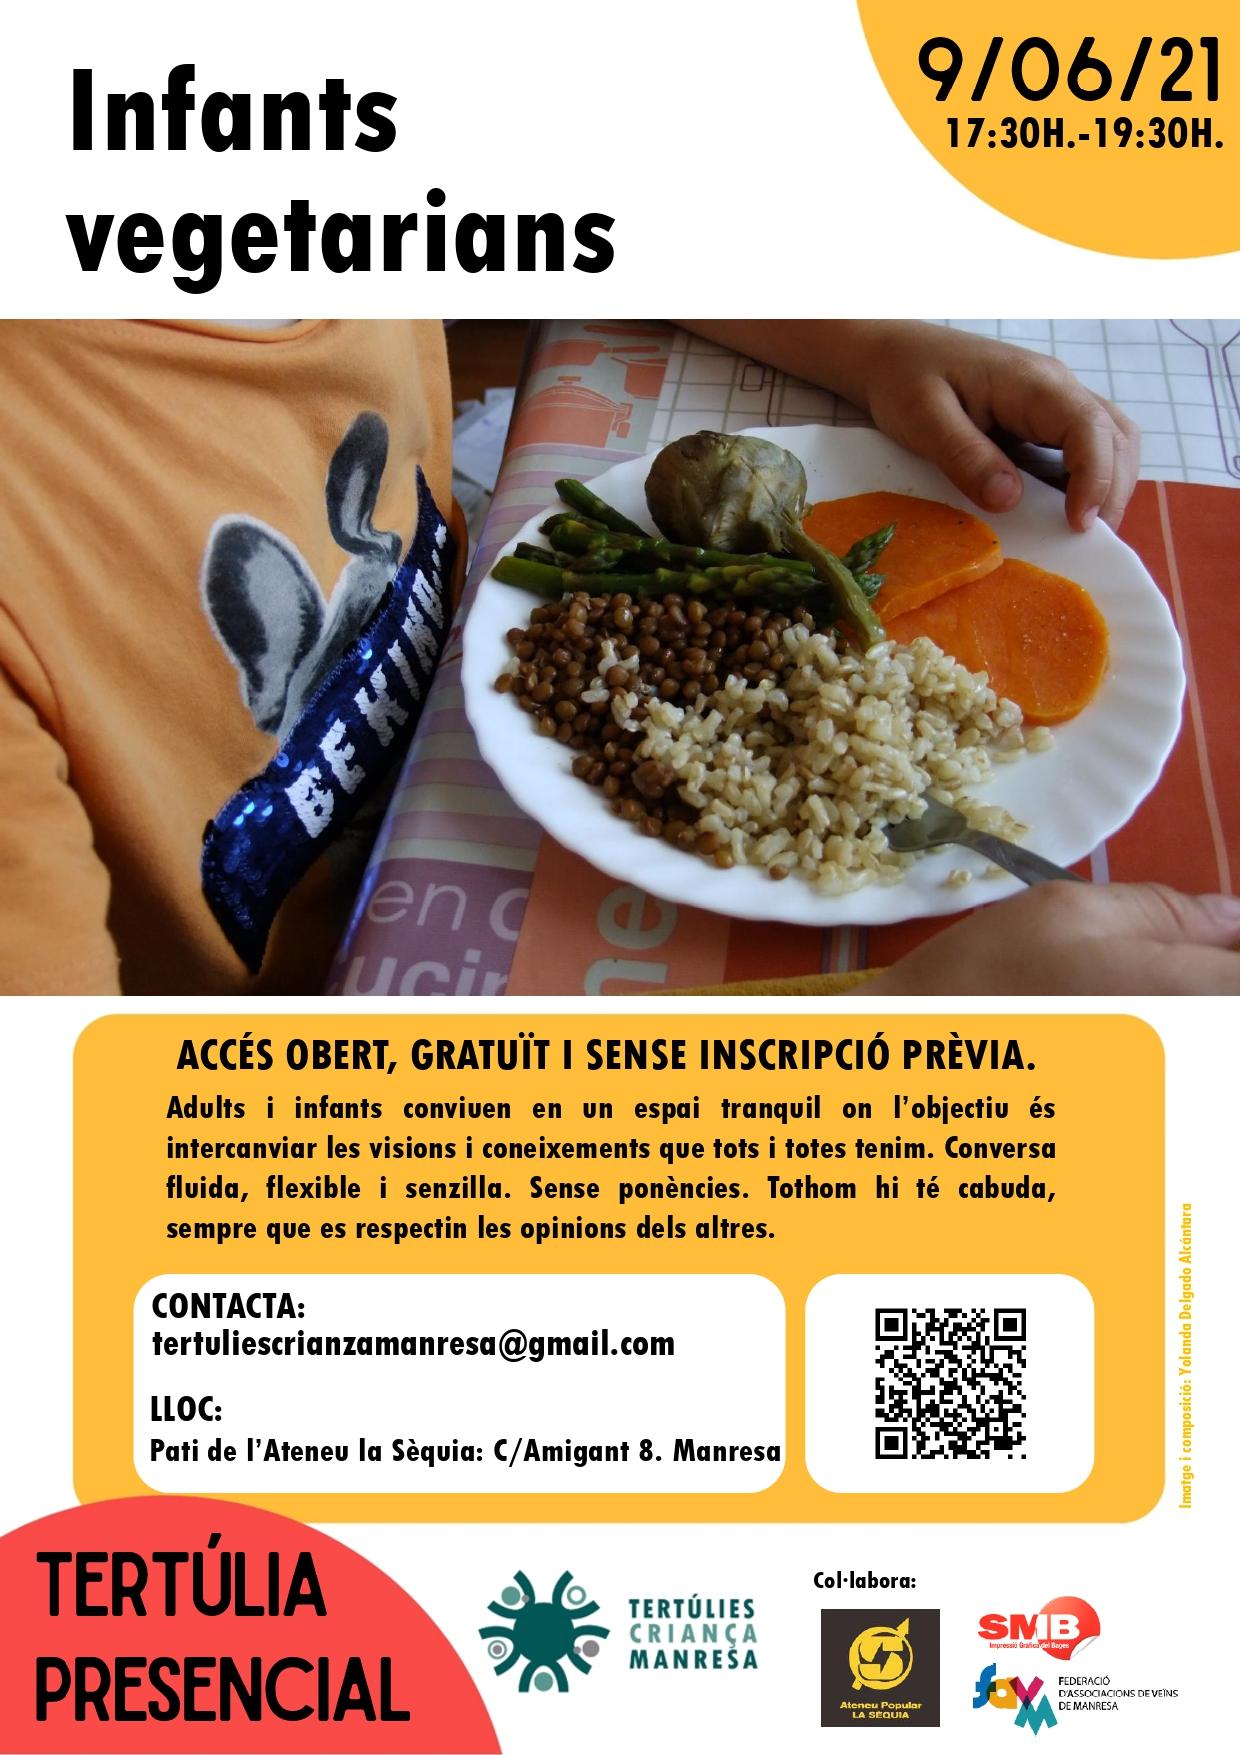 https://www.escolaitaca.cat/wp-content/uploads/9-juny.-Infants-vegetarians.jpg